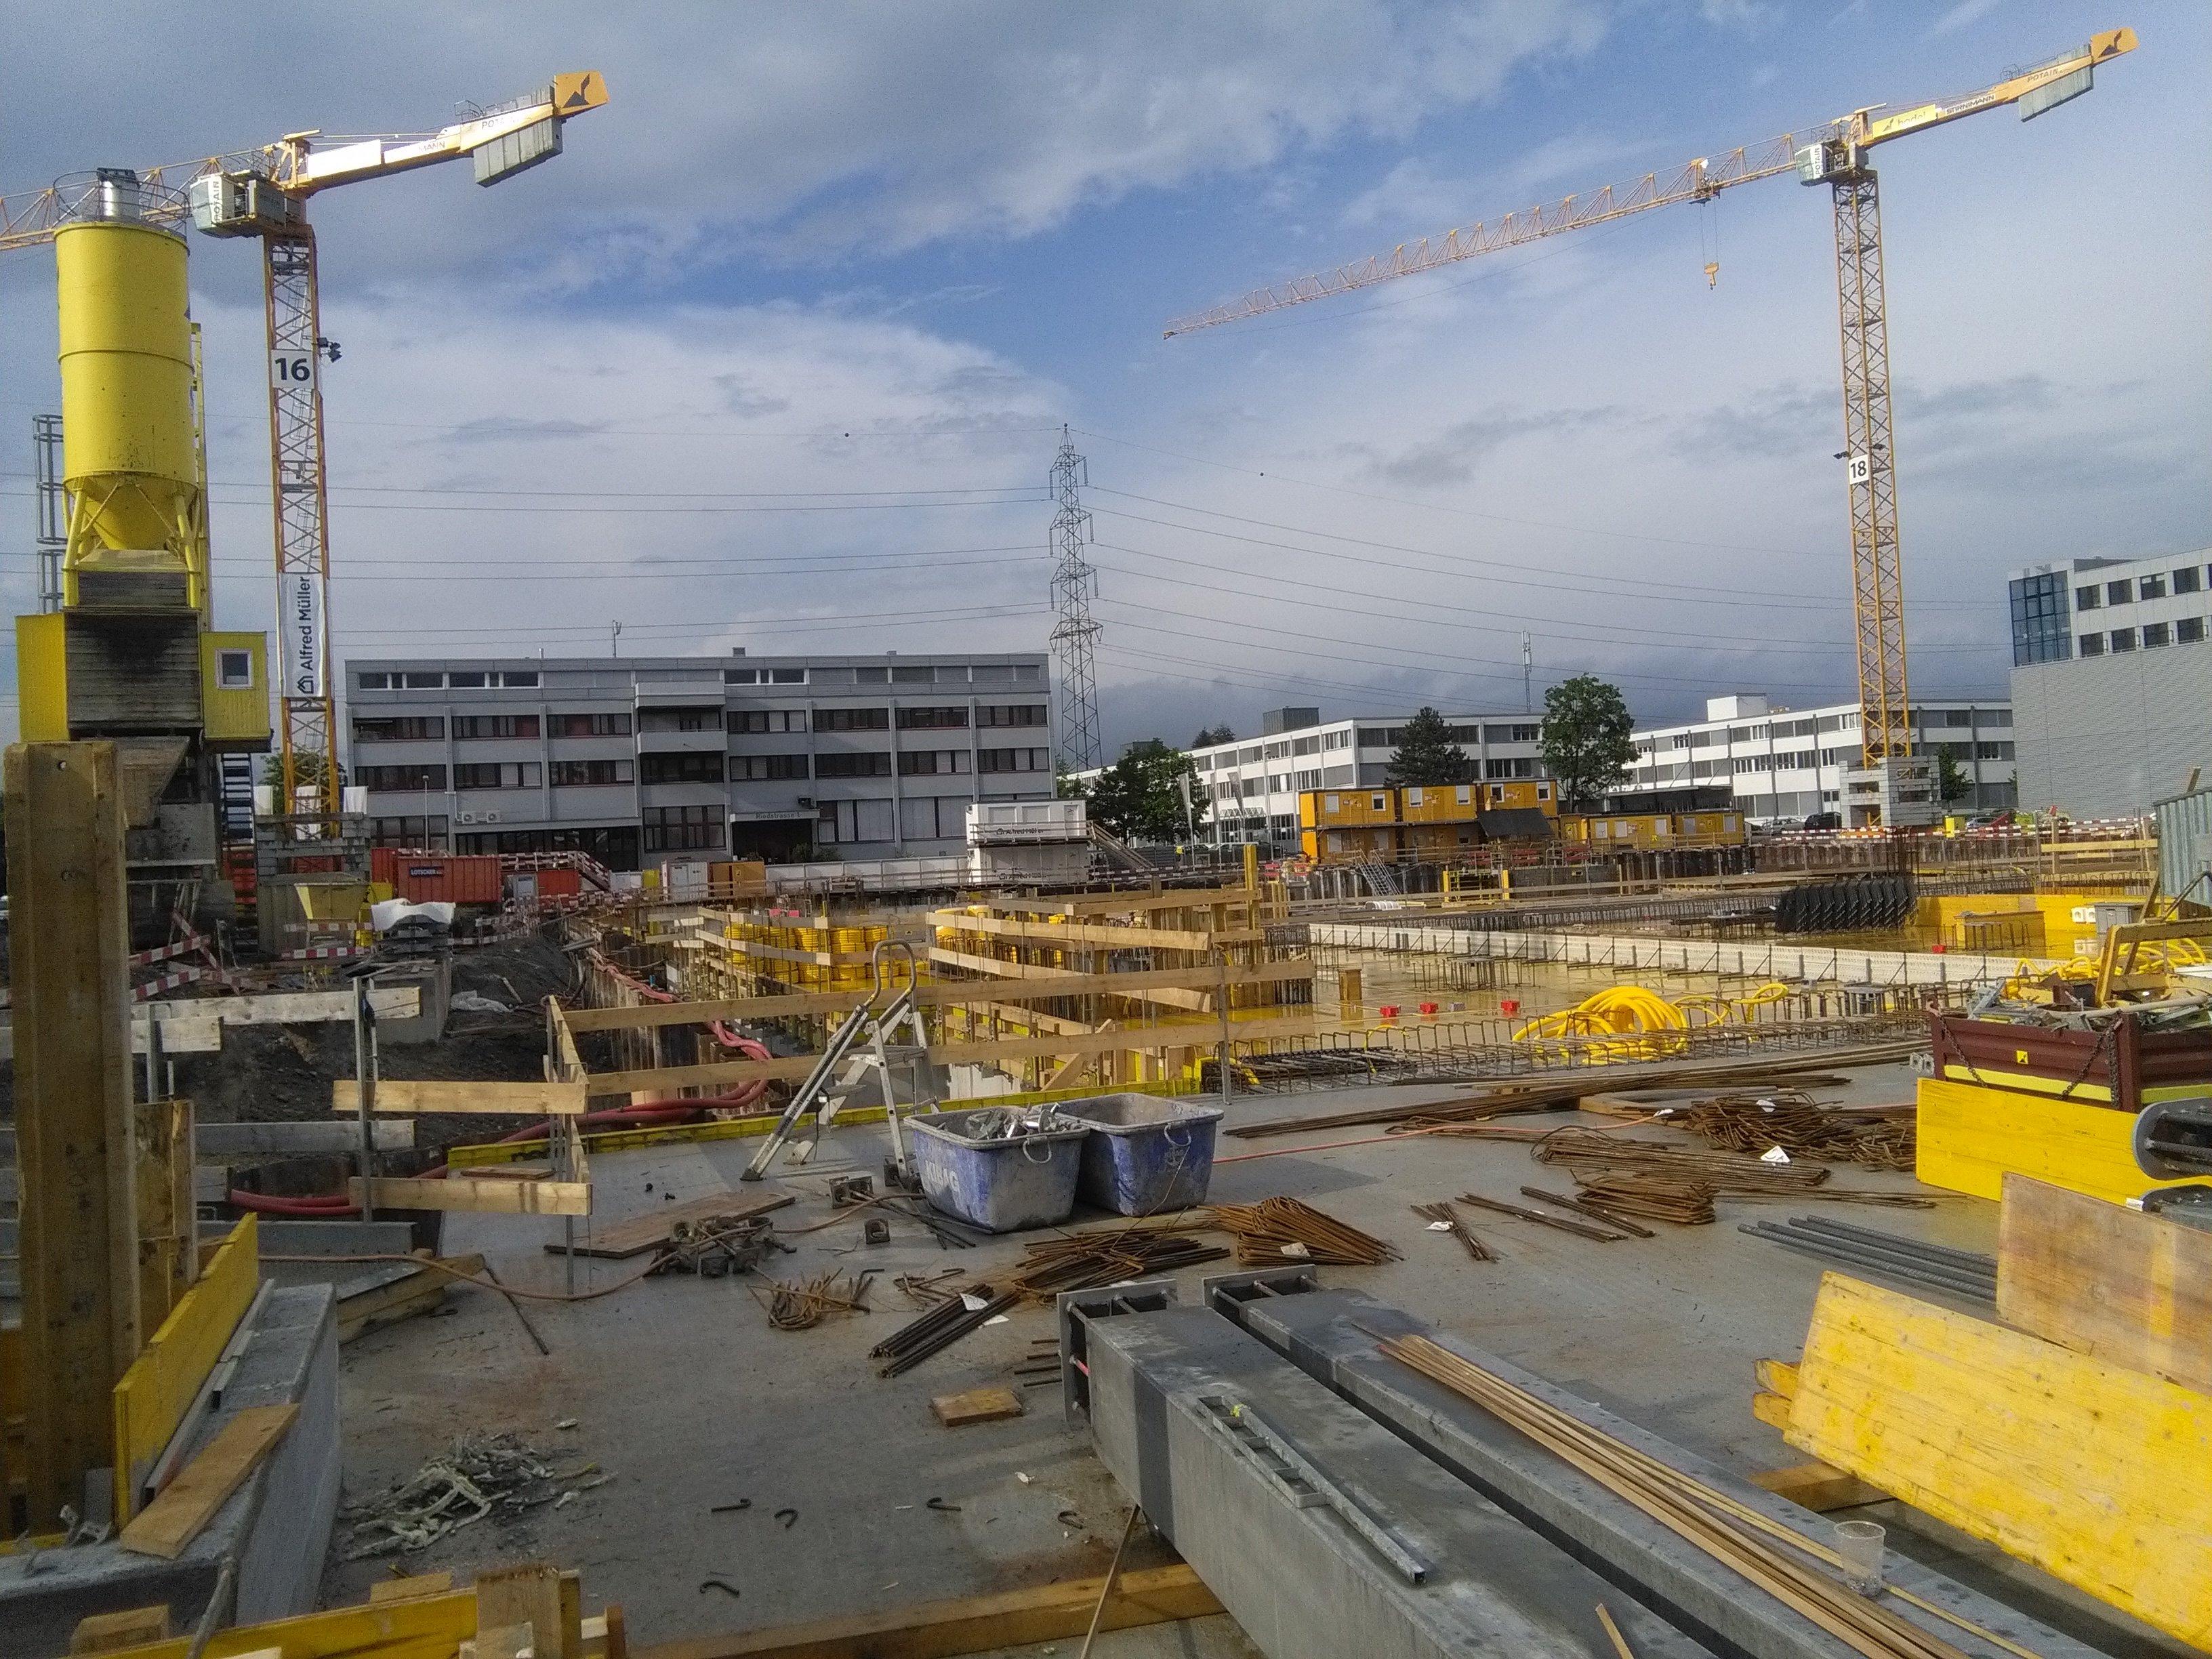 Das Konzert der Kräne: Hier wächst das «Helix-Projekt» der Alfred Müller AG in der Städtler Allmend in die Höhe. Die Amag AG verlagert zieht Ende 2019 mit ihrem Hauptsitz Import ein und schafft so 850 neue Arbeitsplätze in Cham.